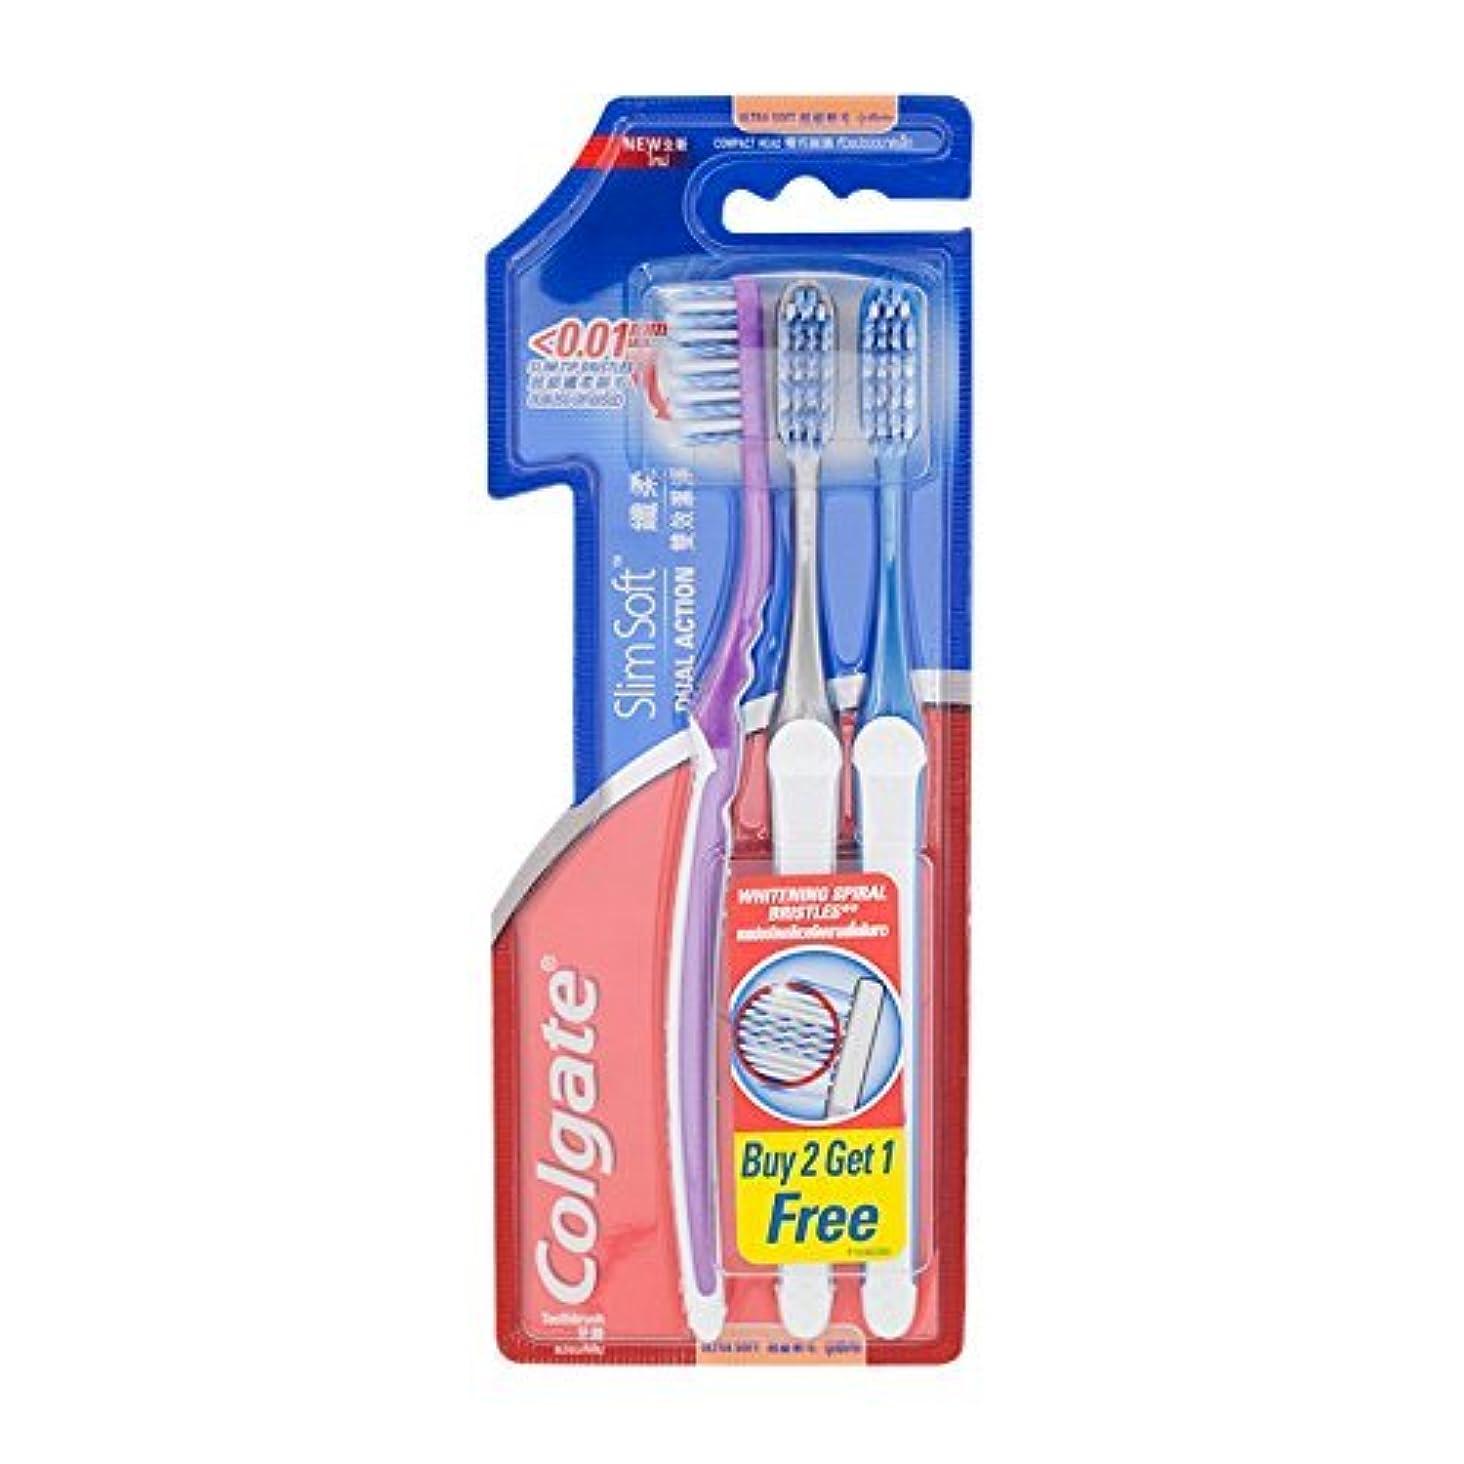 言及するブルジョン近代化Colgate Compact Ultra Soft Dual Action | Slim Soft Toothbrush, Family Pack (3 Bristles) by BeautyBreeze